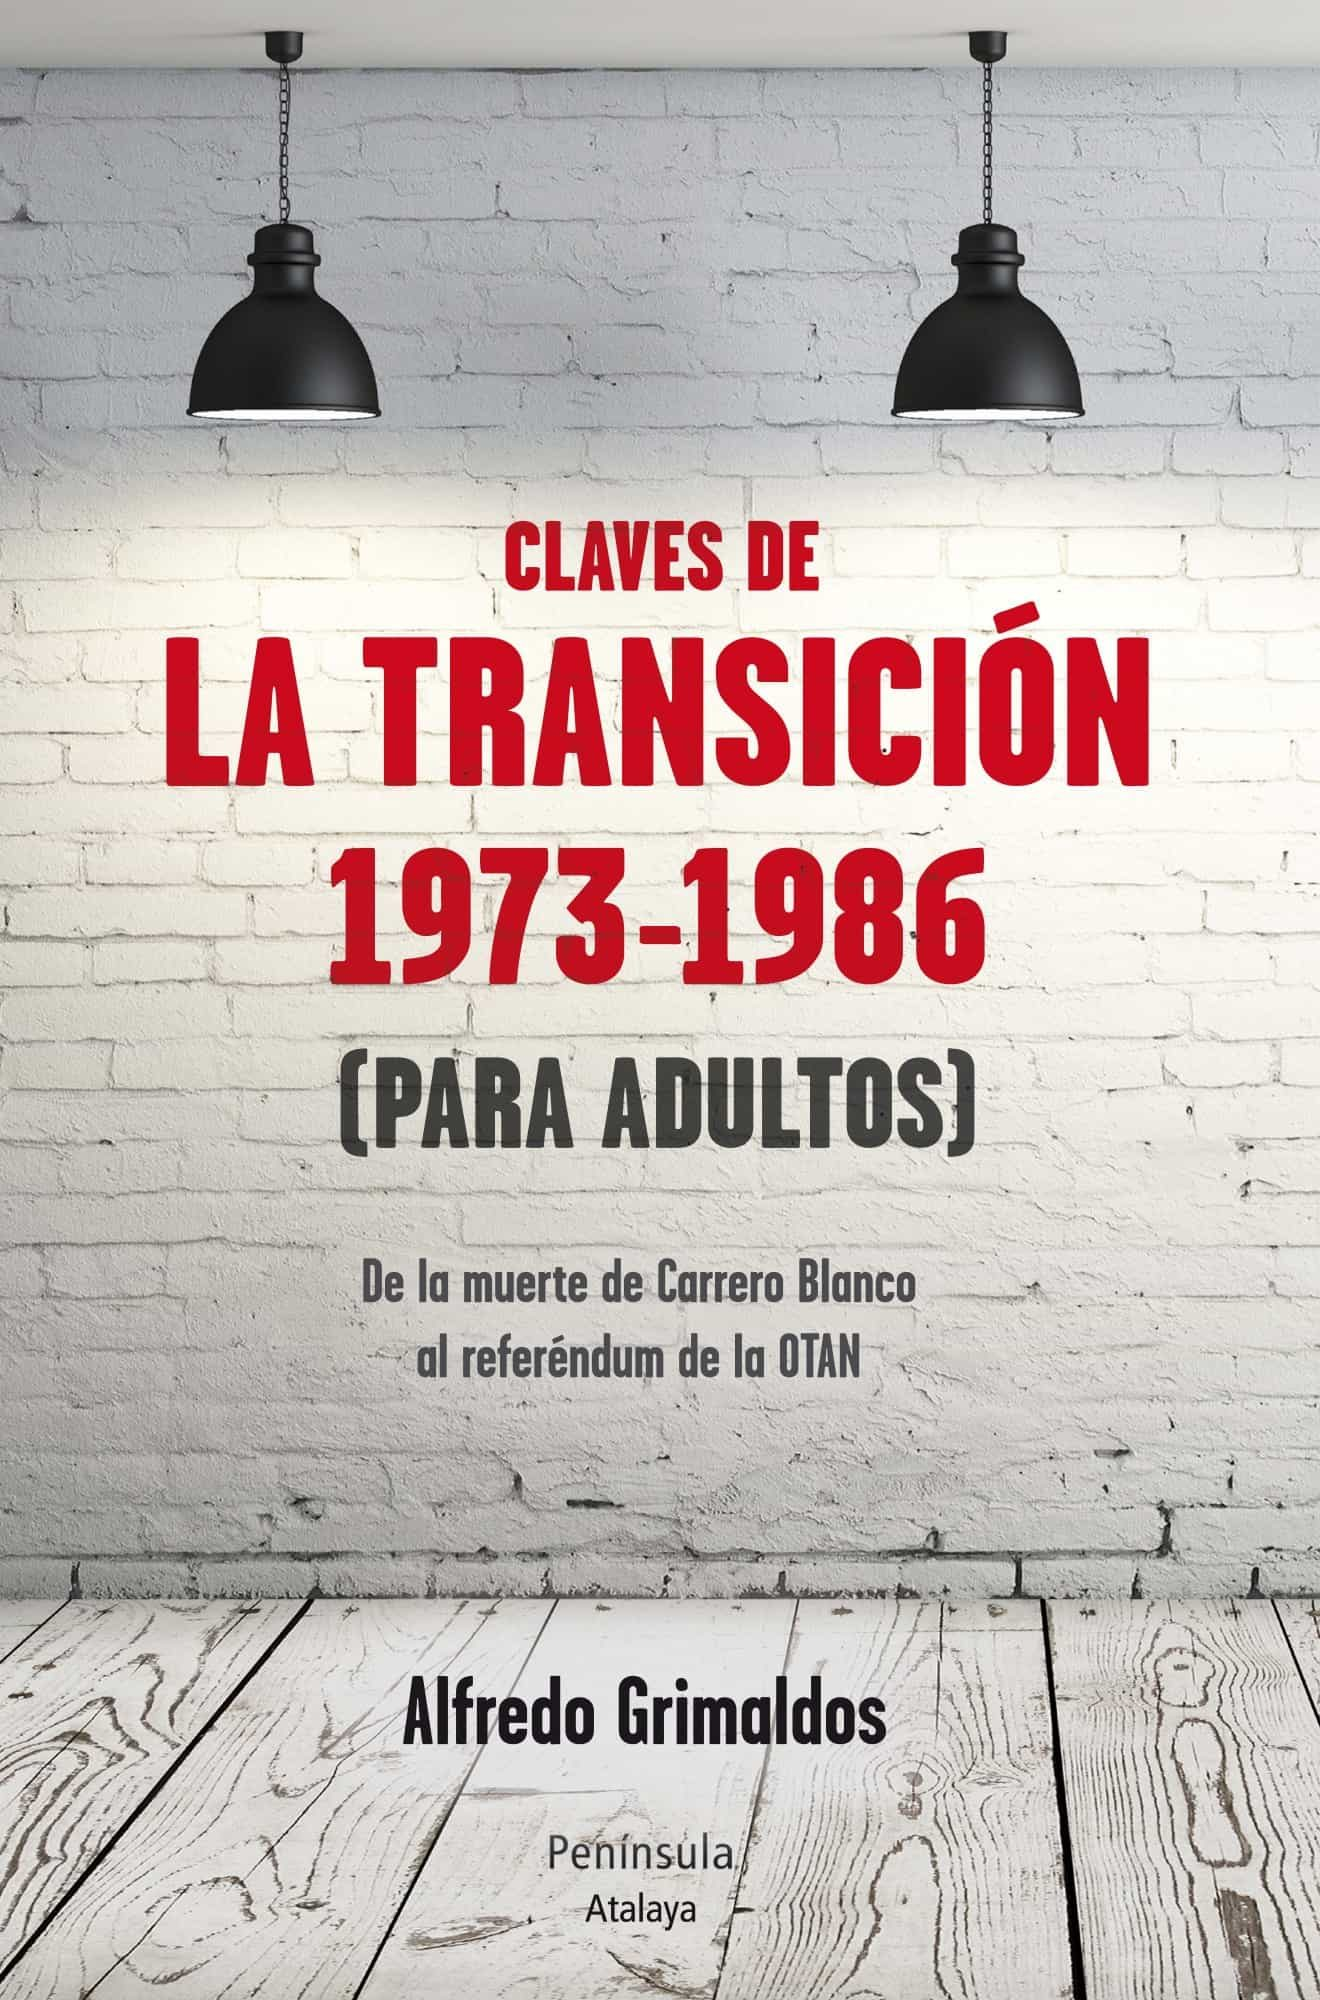 Las Claves De La Transicion  1973-1986  (para Adultos) por Alfredo Grimaldos